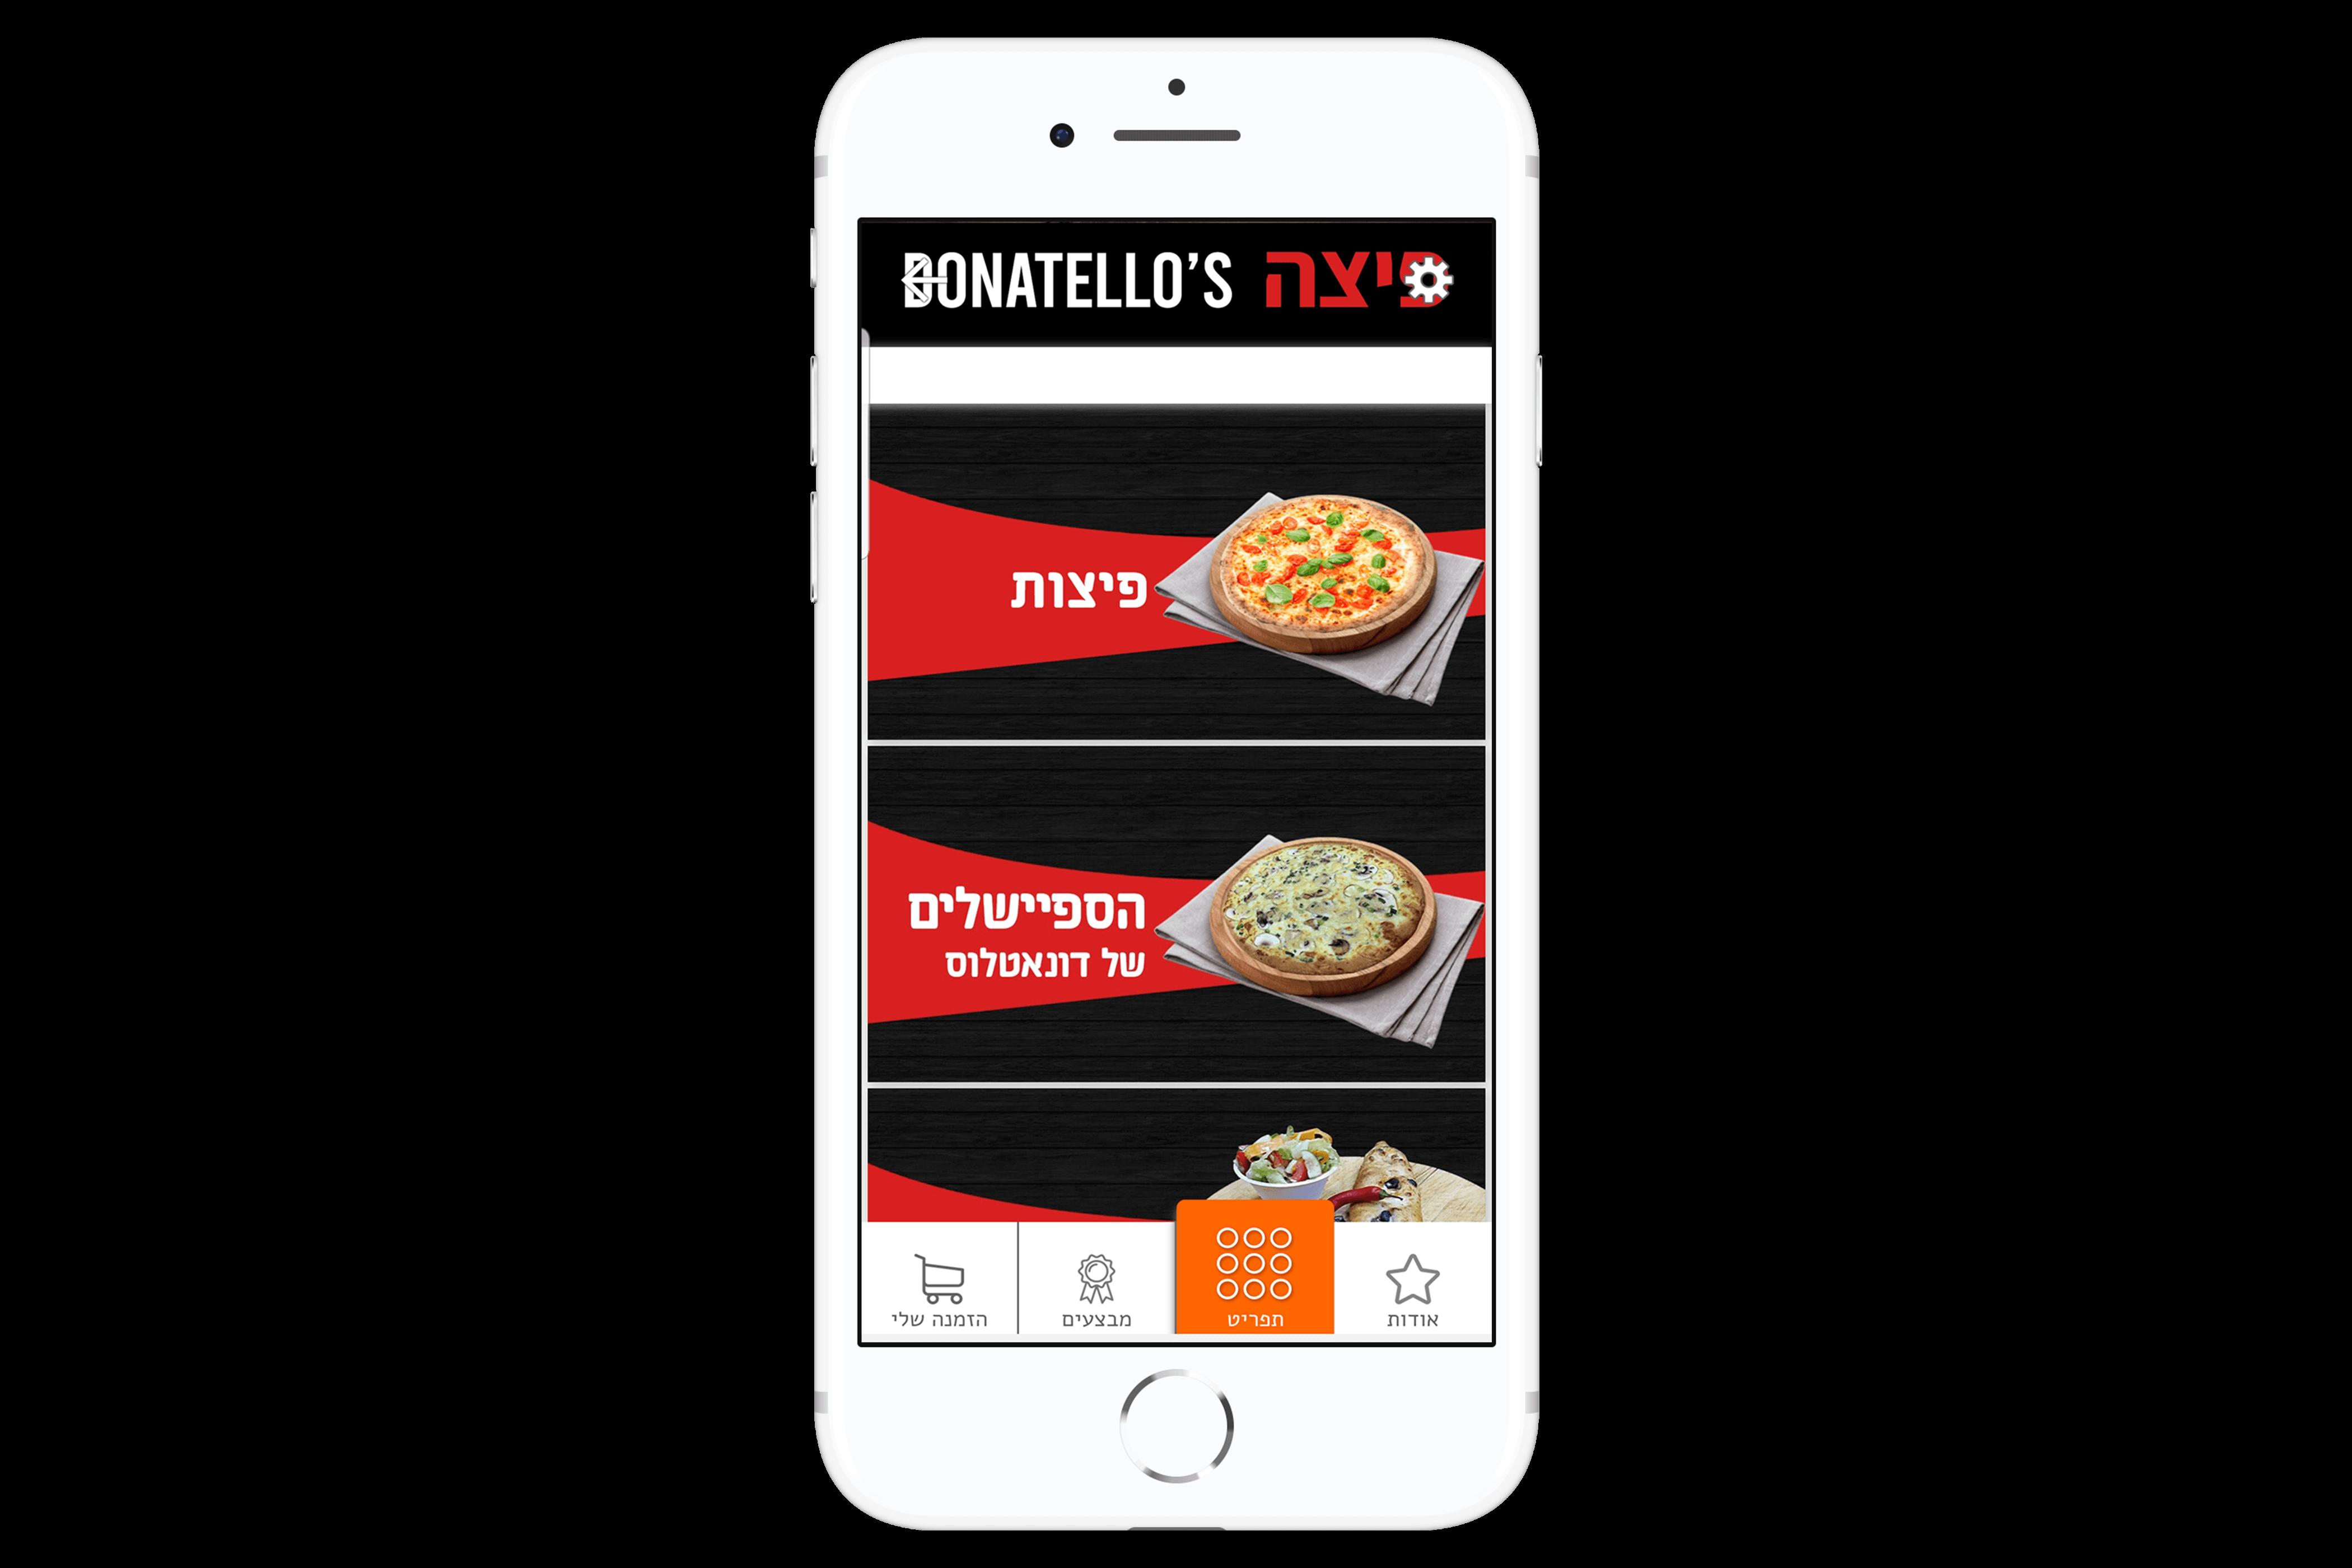 אפליקציית הזמנות של דונטלוס מבין הלקוחות שלנו